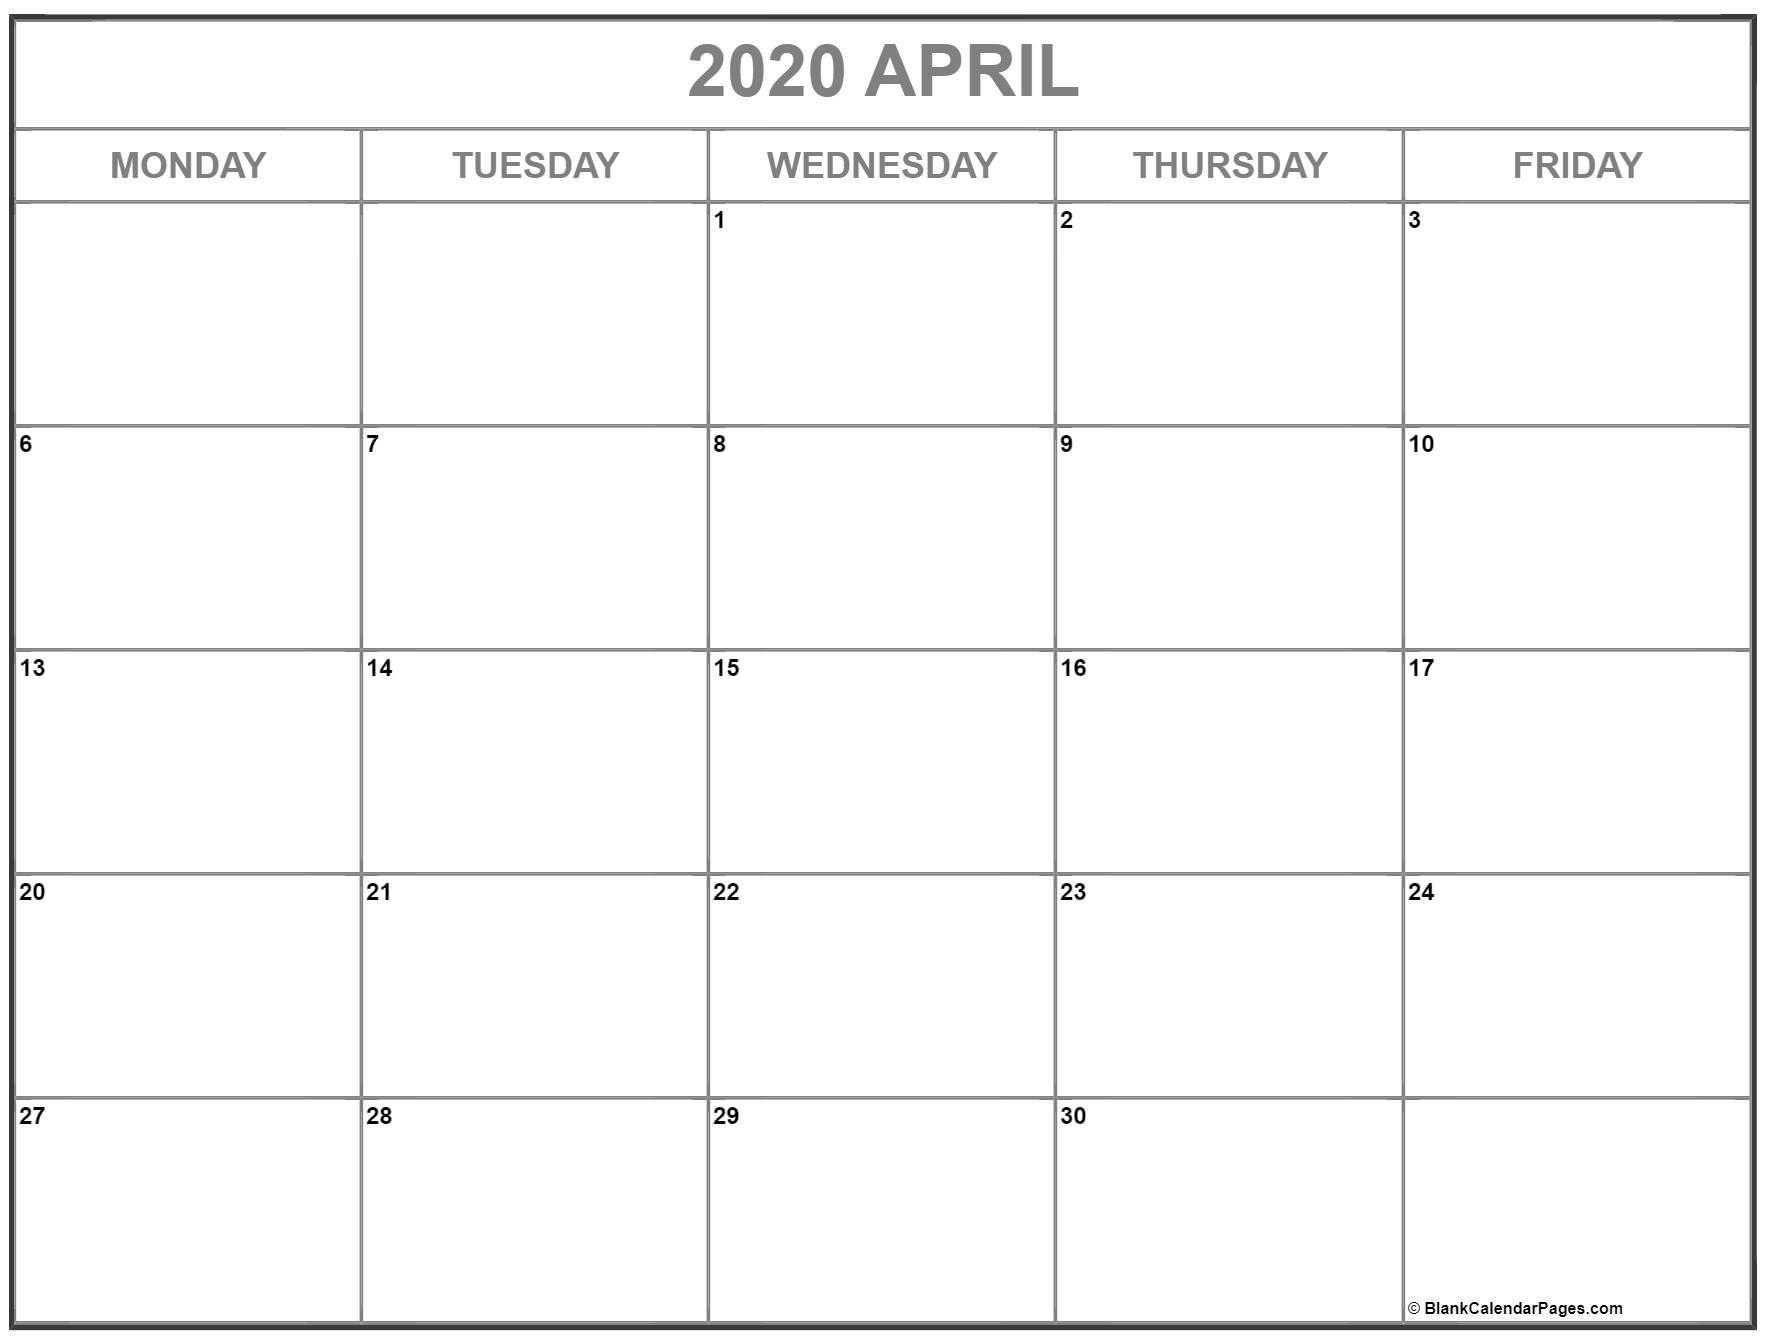 April 2020 Monday Calendar   Monday To Sunday